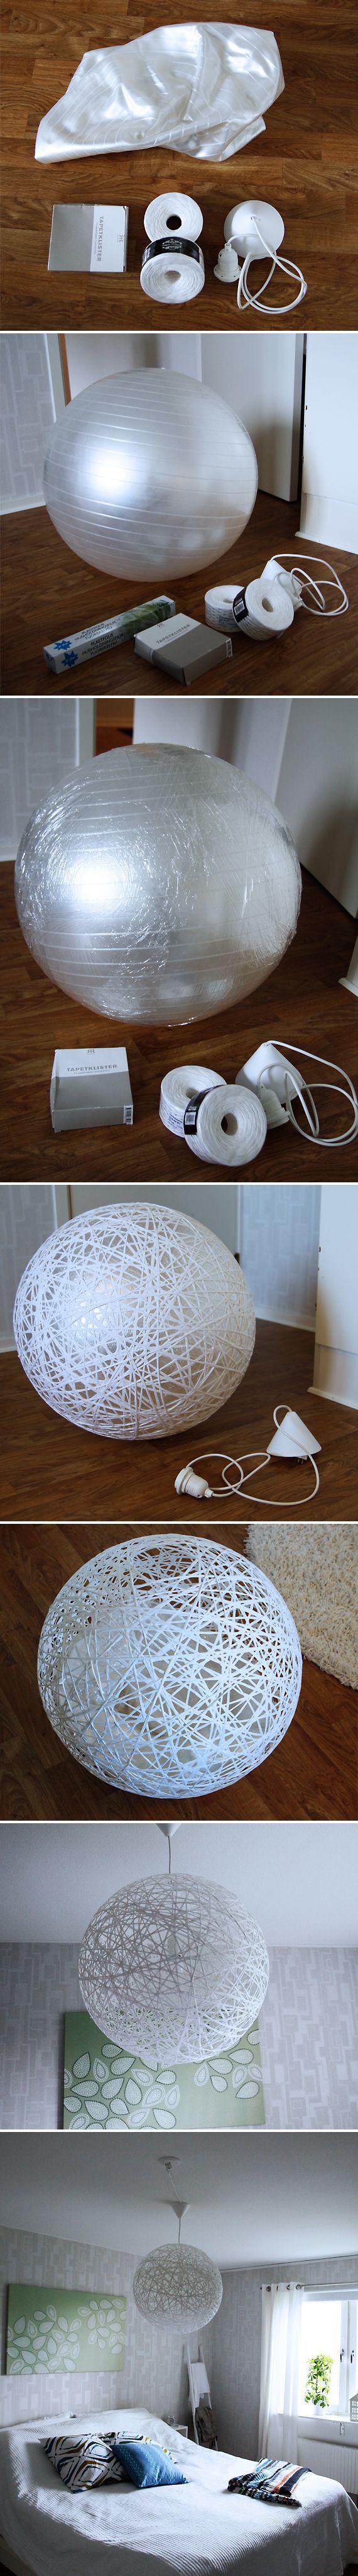 random-light-inspirera-mera-tips-pyssla-mera-pilatesboll-boll-yogaboll-papperssnre-snre-tapetklister_151596691